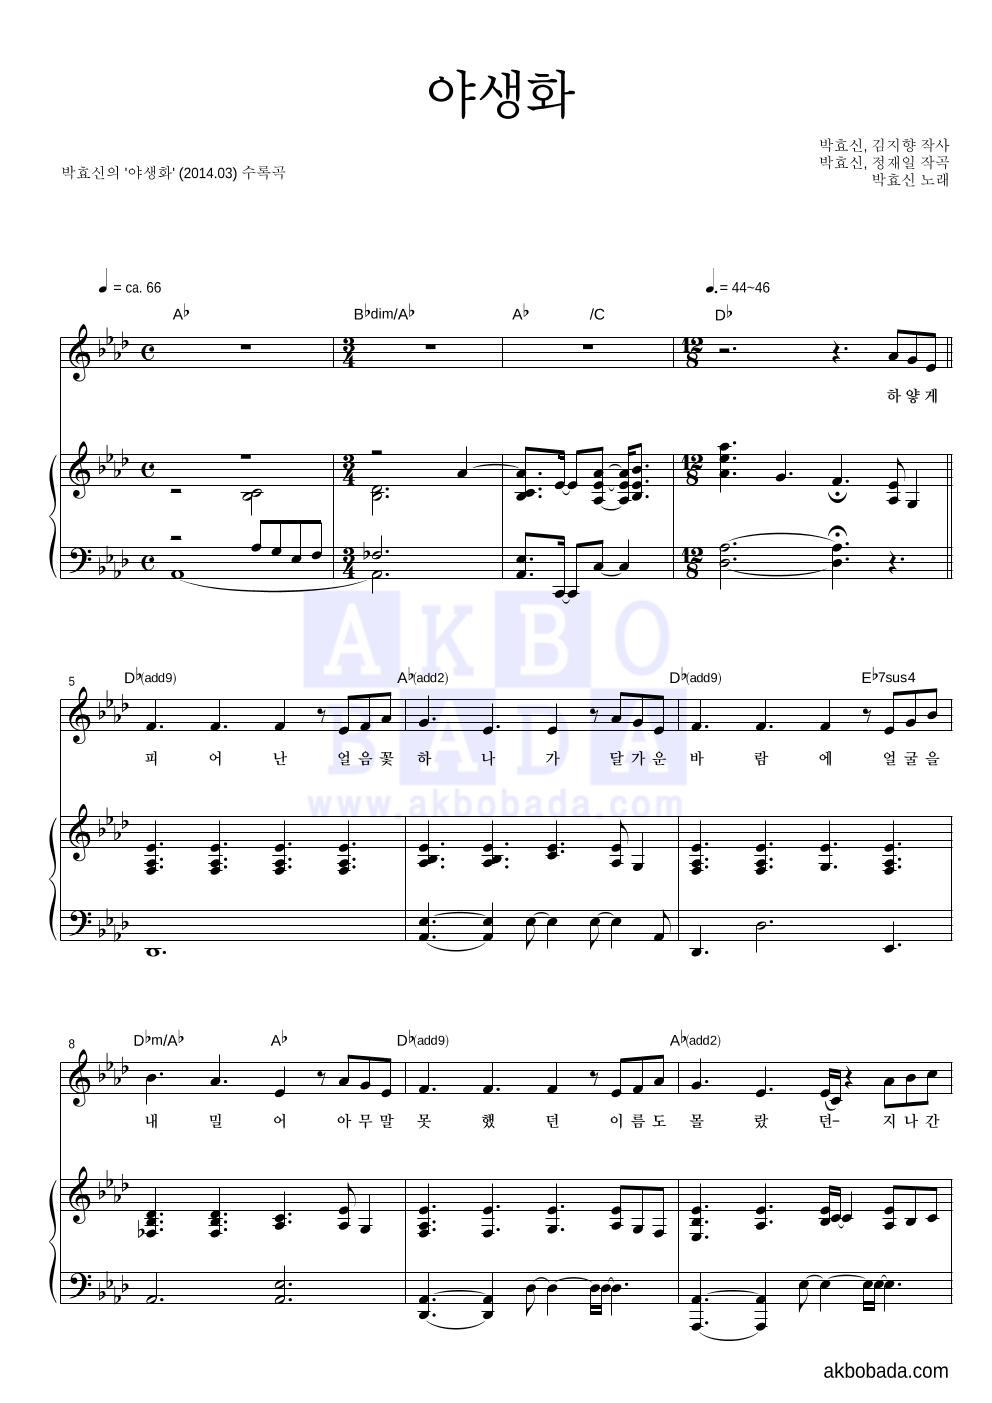 박효신 - 야생화 피아노 3단 악보